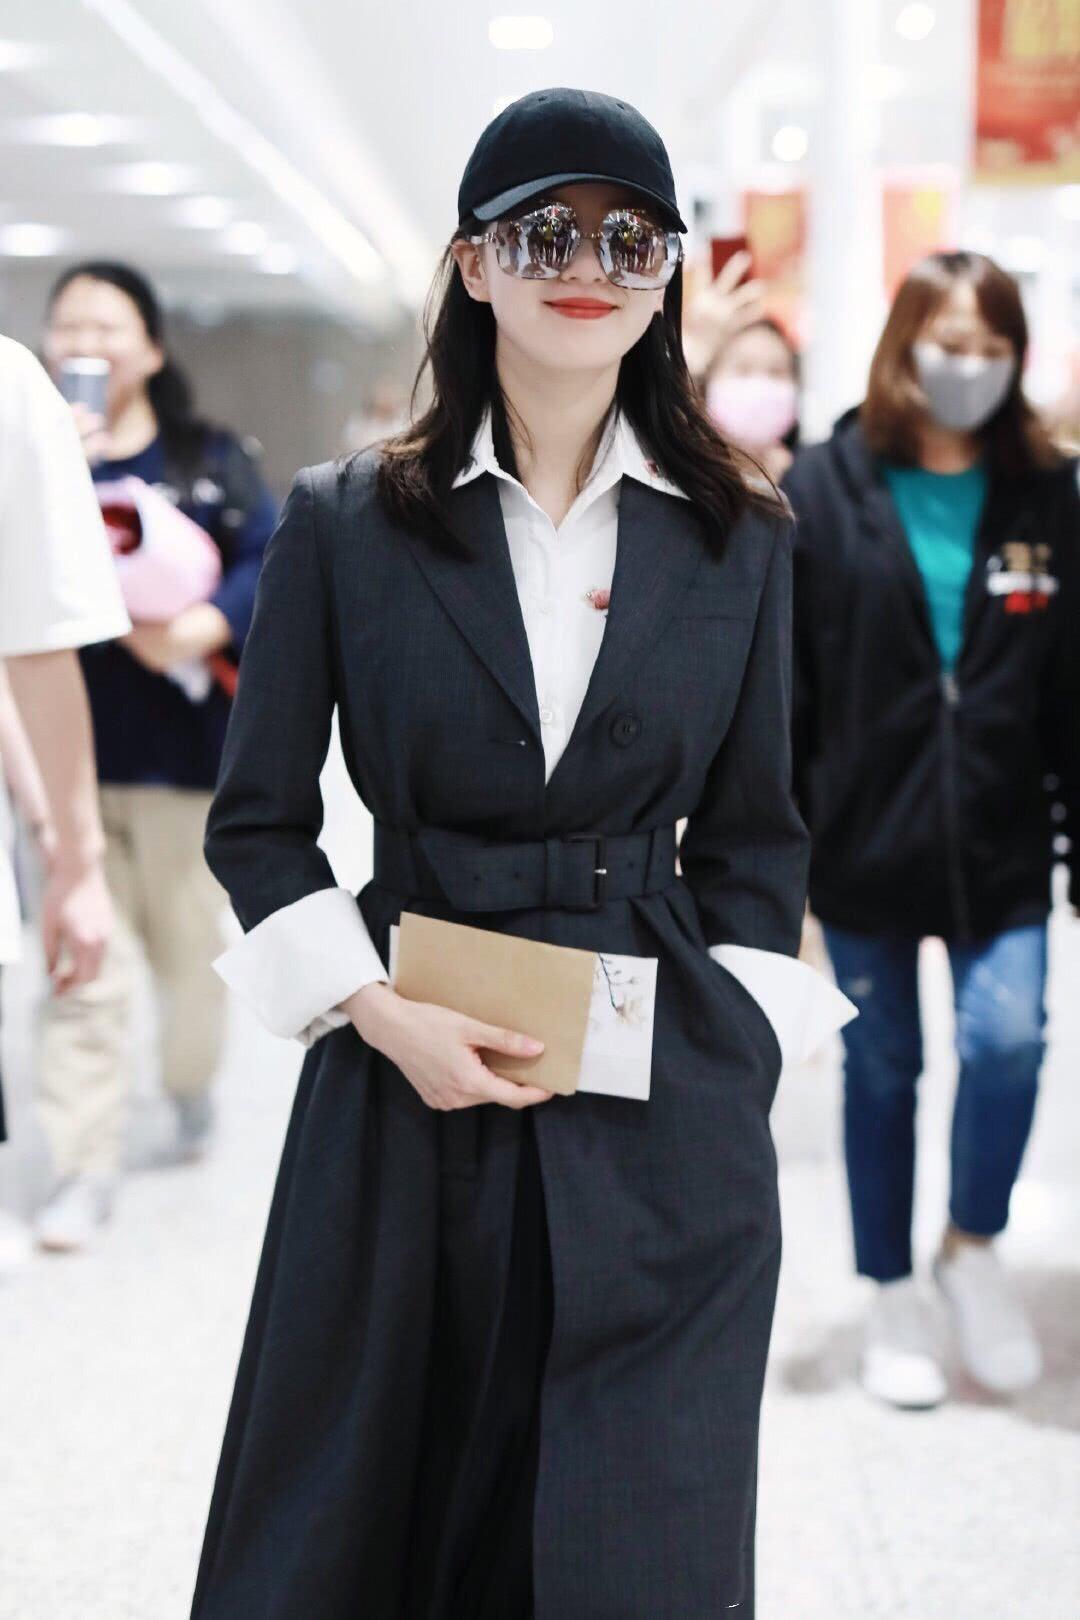 刘诗诗现身机场,穿长西装外套搭配白衬衫好优雅,藏不住的天鹅颈